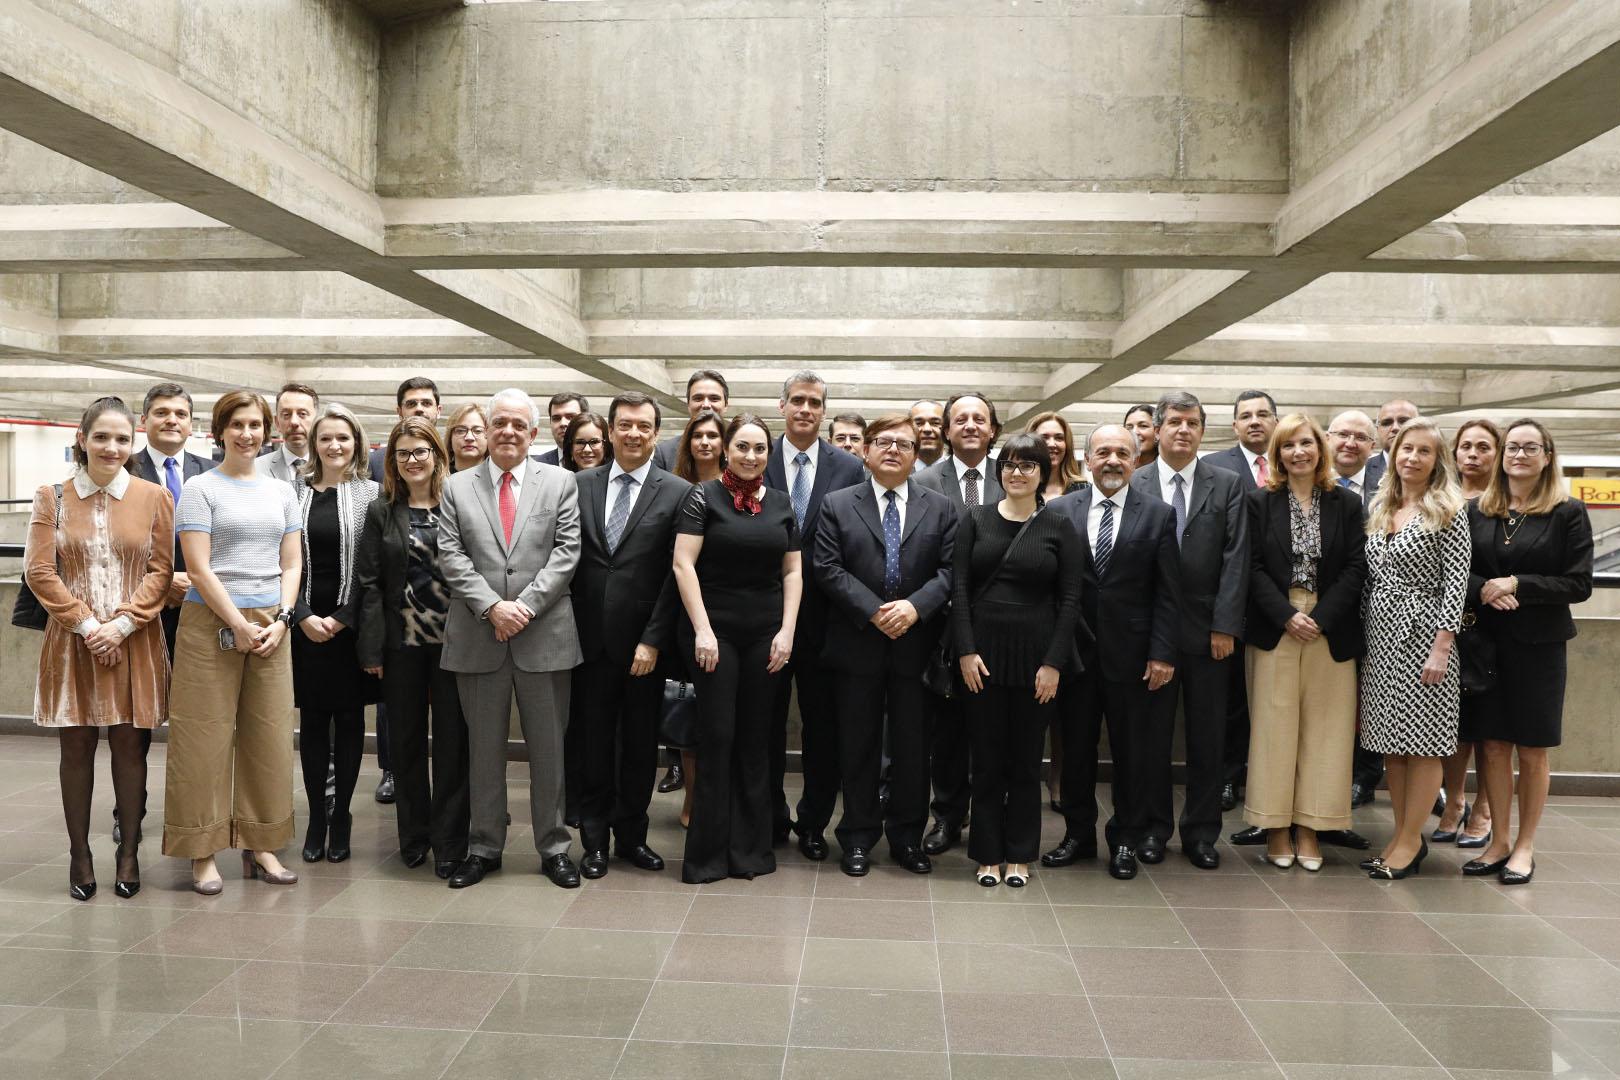 Ministros do STJ reúnem-se com juízes criminais no Fórum da Barra Funda